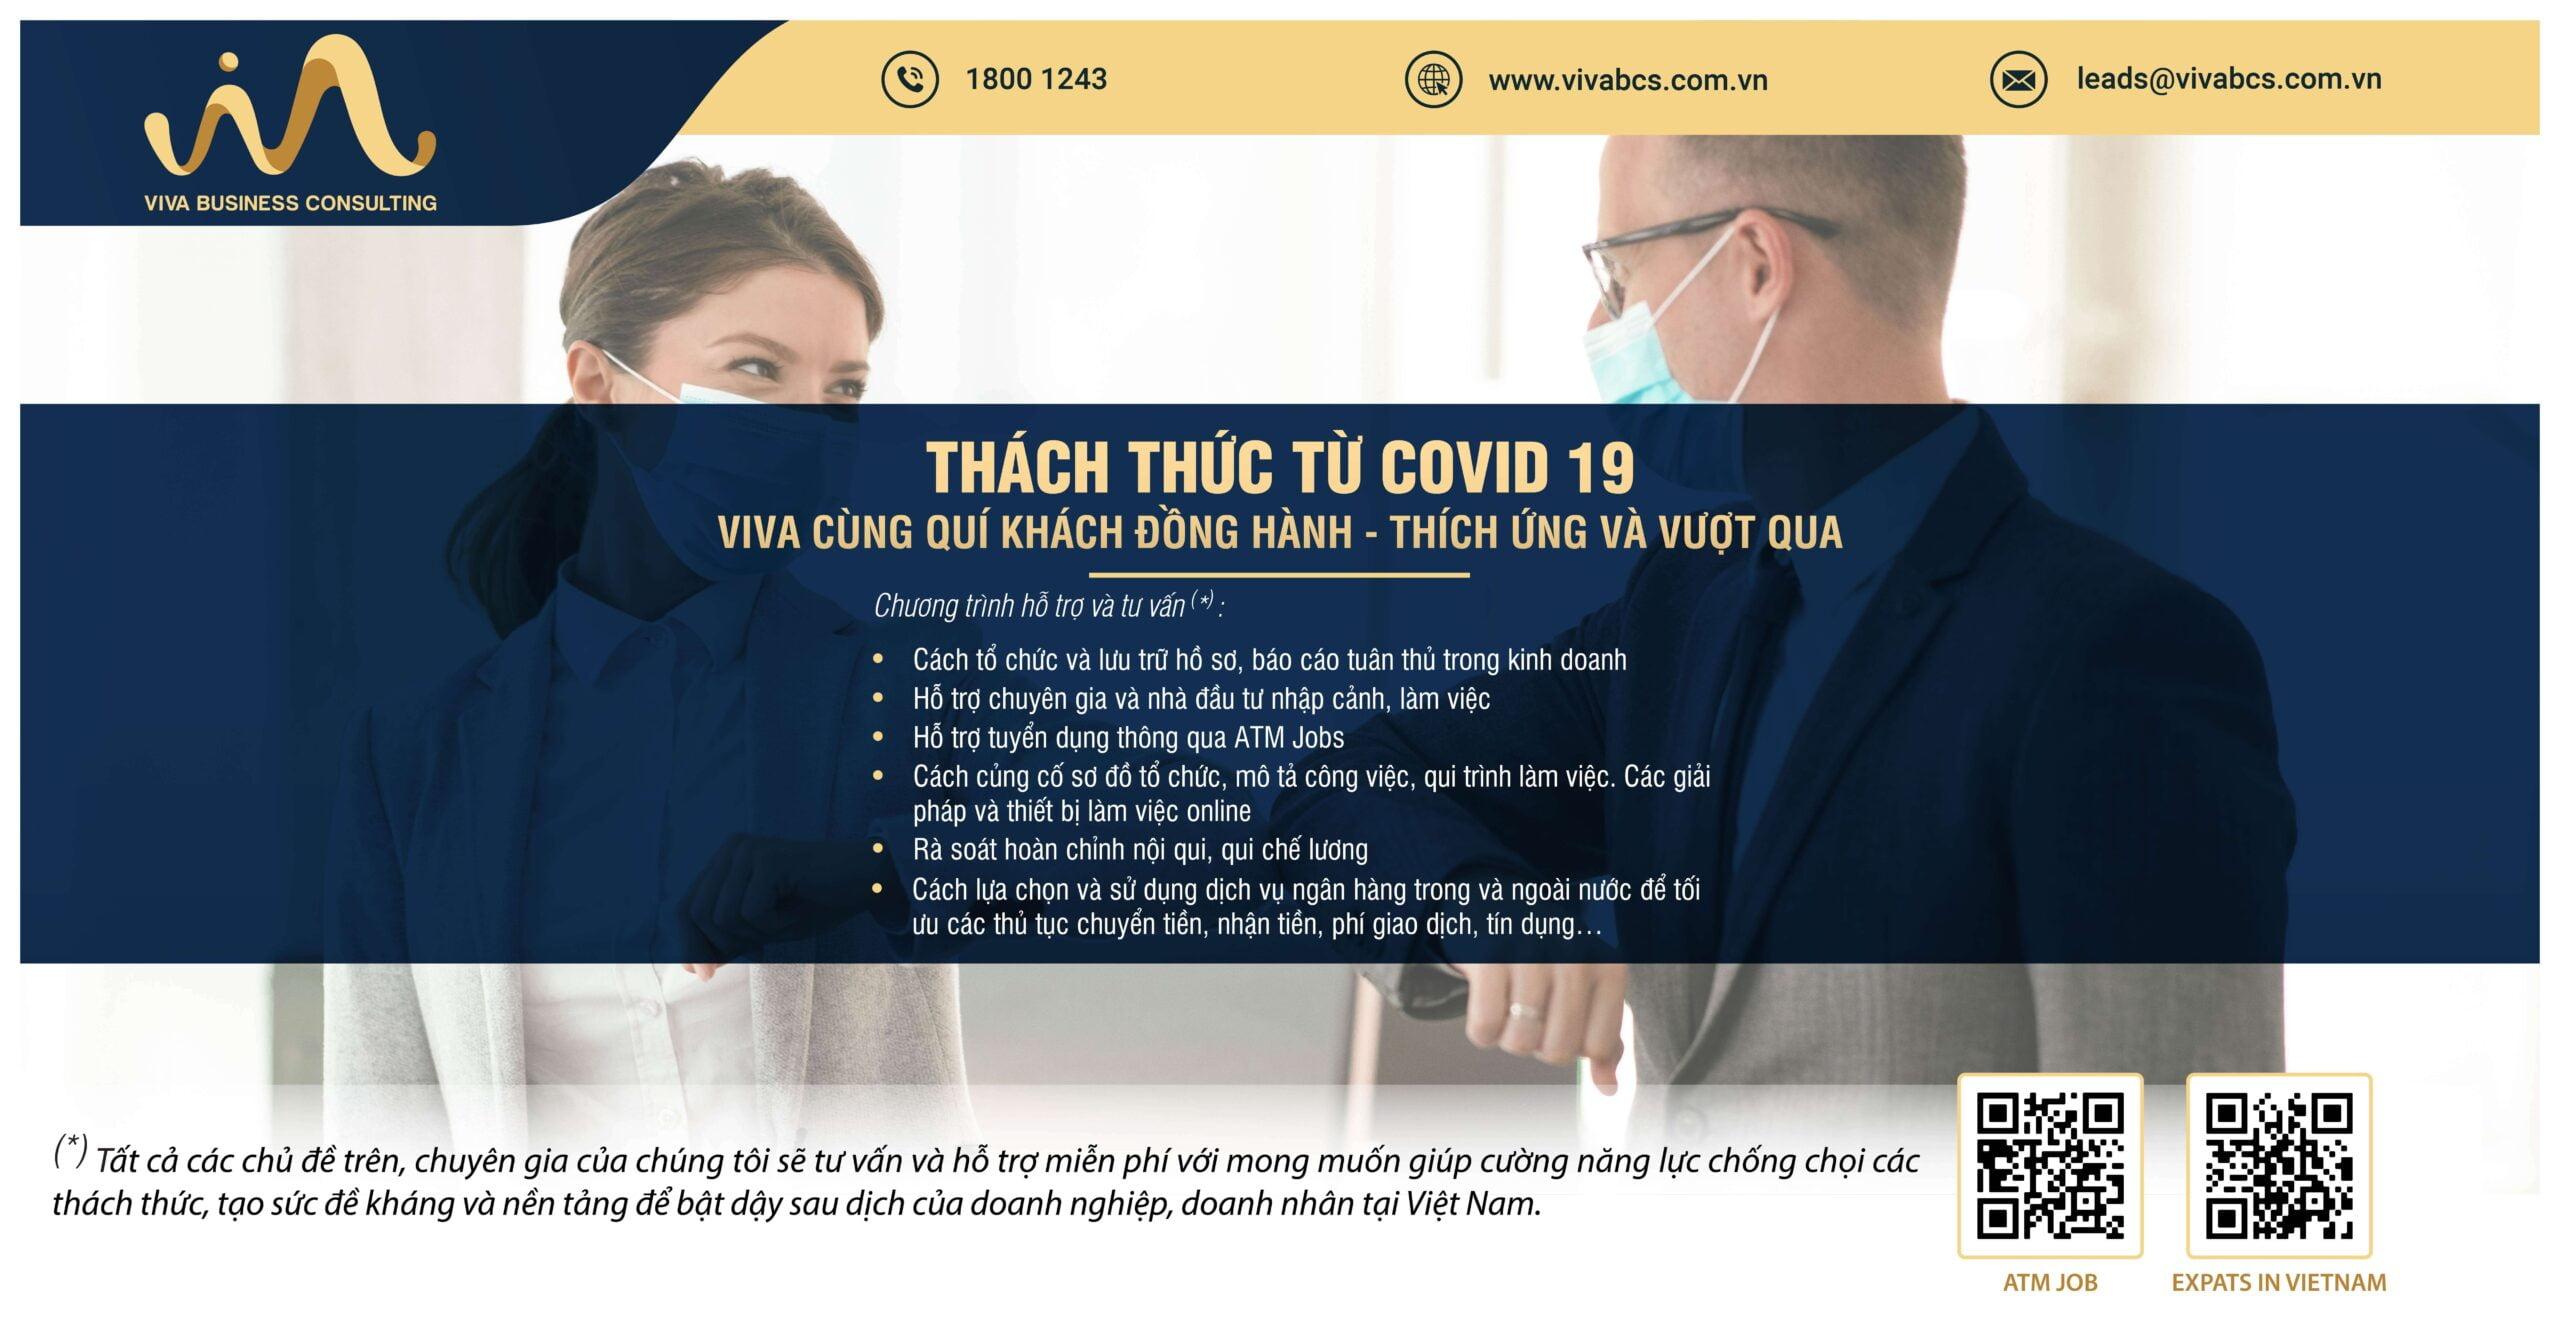 Thách thức từ COVID-19 | VIVA cùng quý khách đồng hành & vượt qua